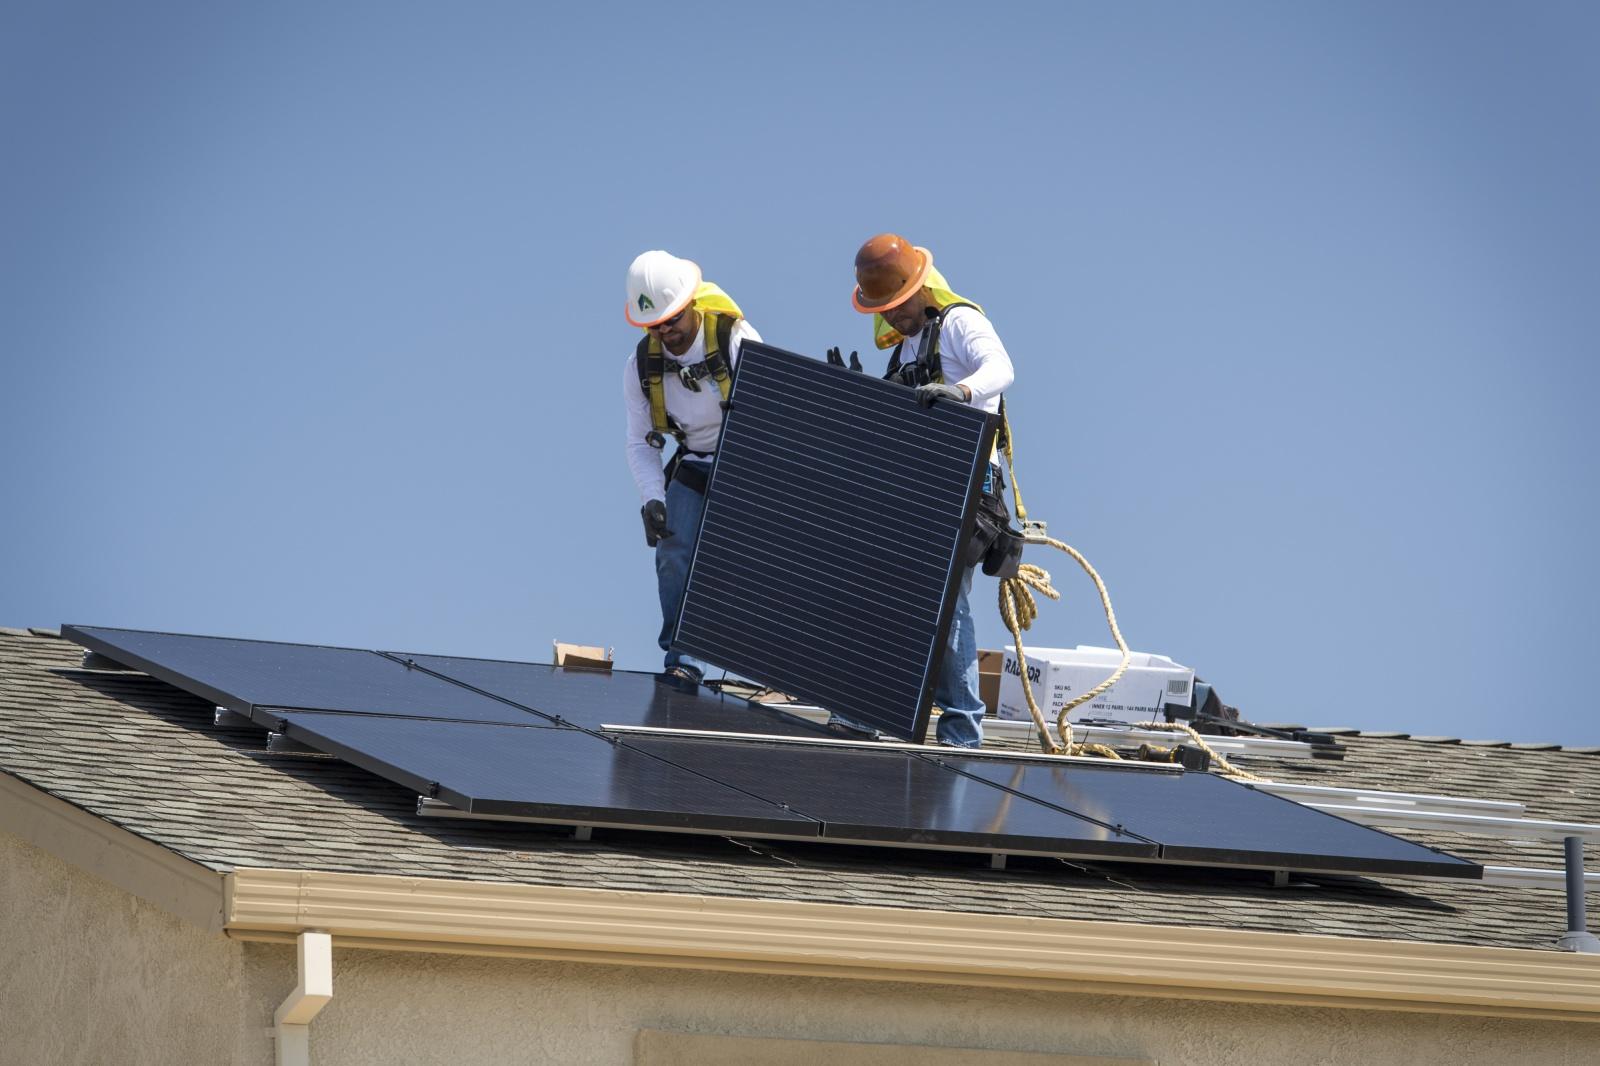 Как мы купили дом с солнечными панелями, и что из этого вышло - 6